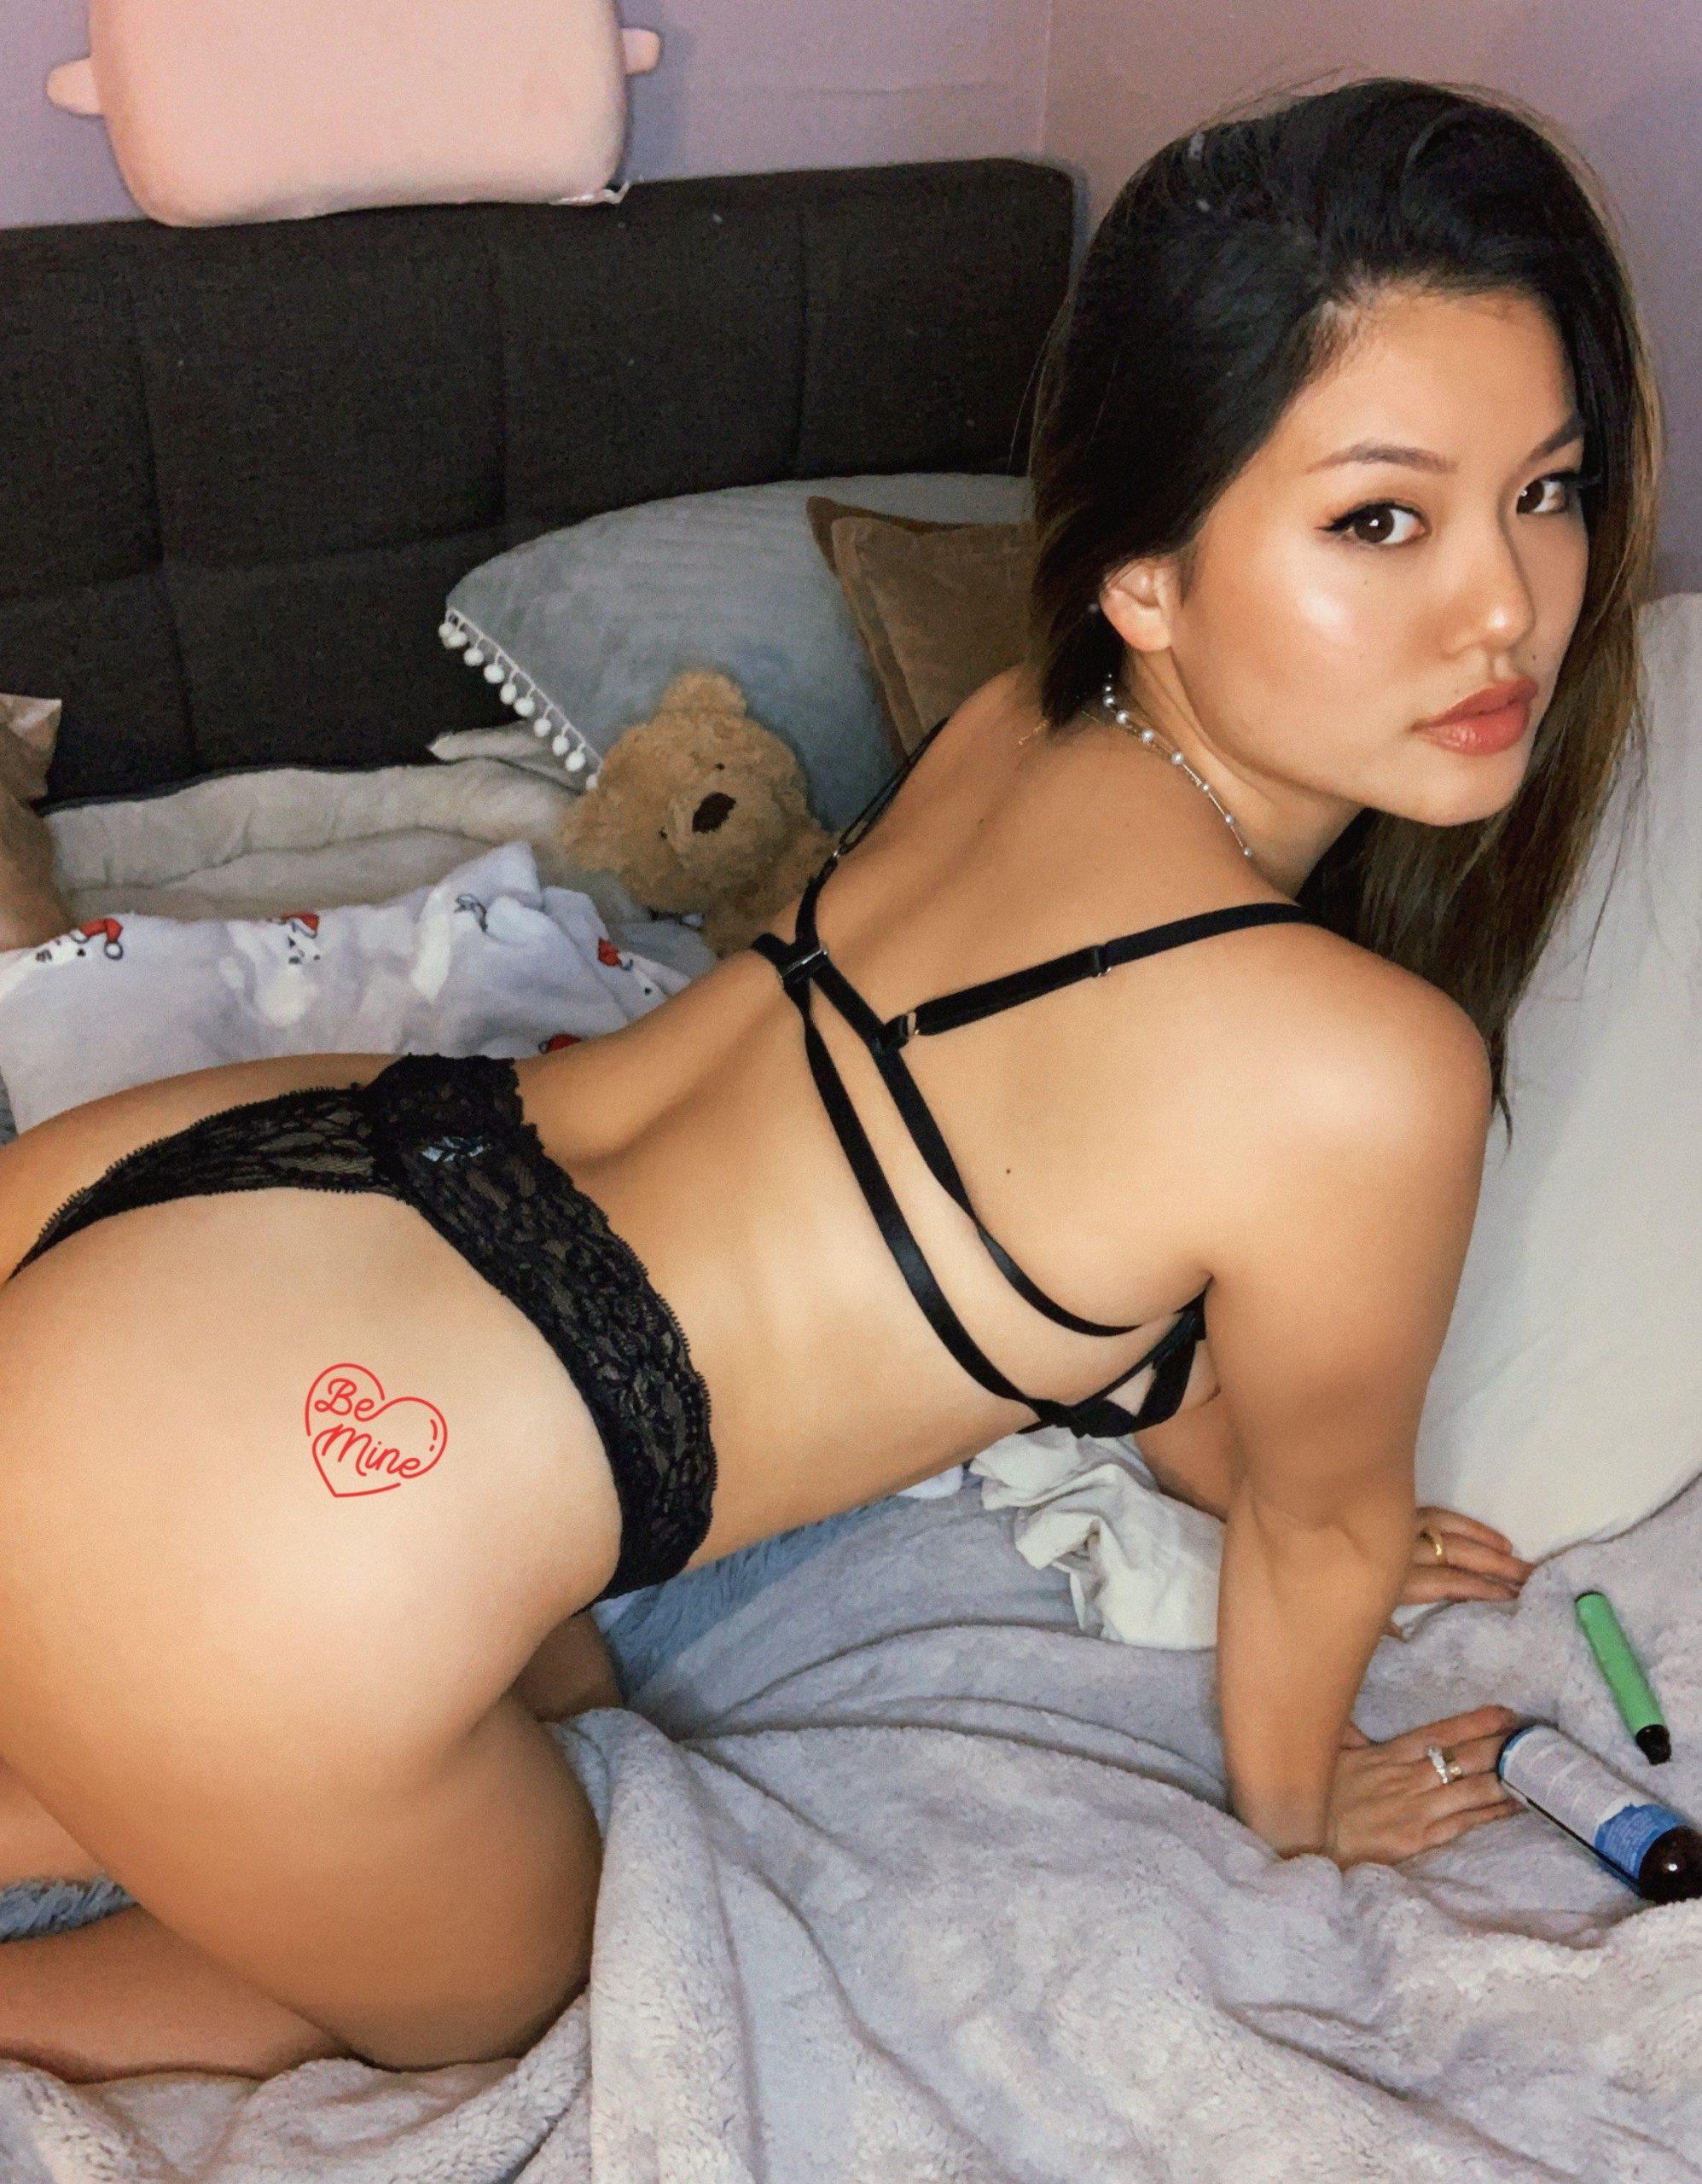 Pack de Babyjey fotos sensuales + nudes 1